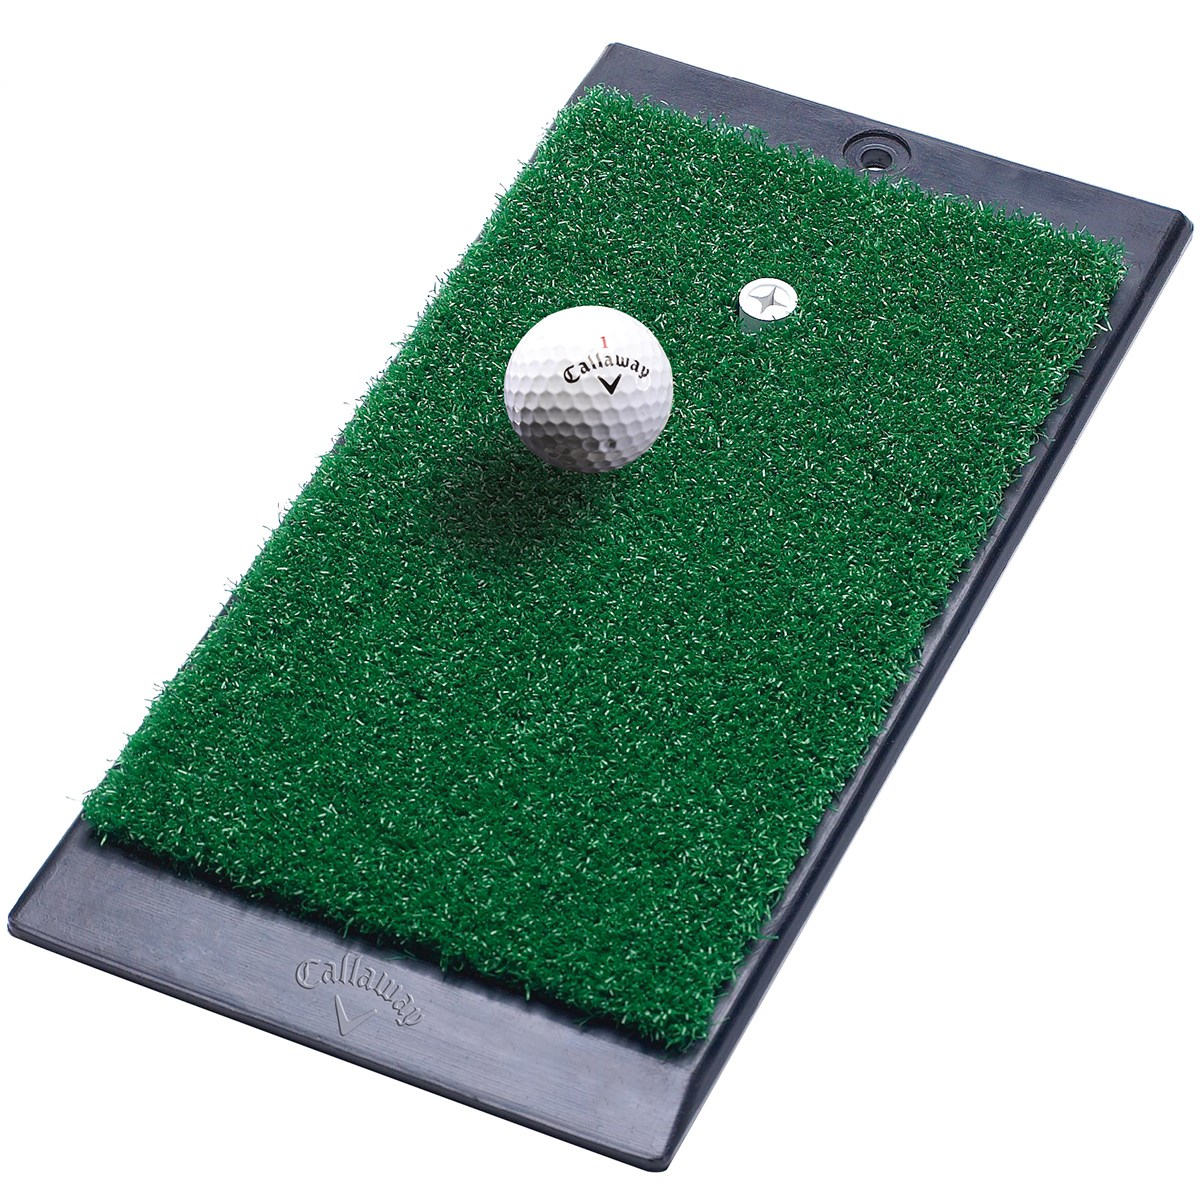 キャロウェイゴルフ(Callaway Golf) エフティー ラウンチゾーン ヒッティングマット